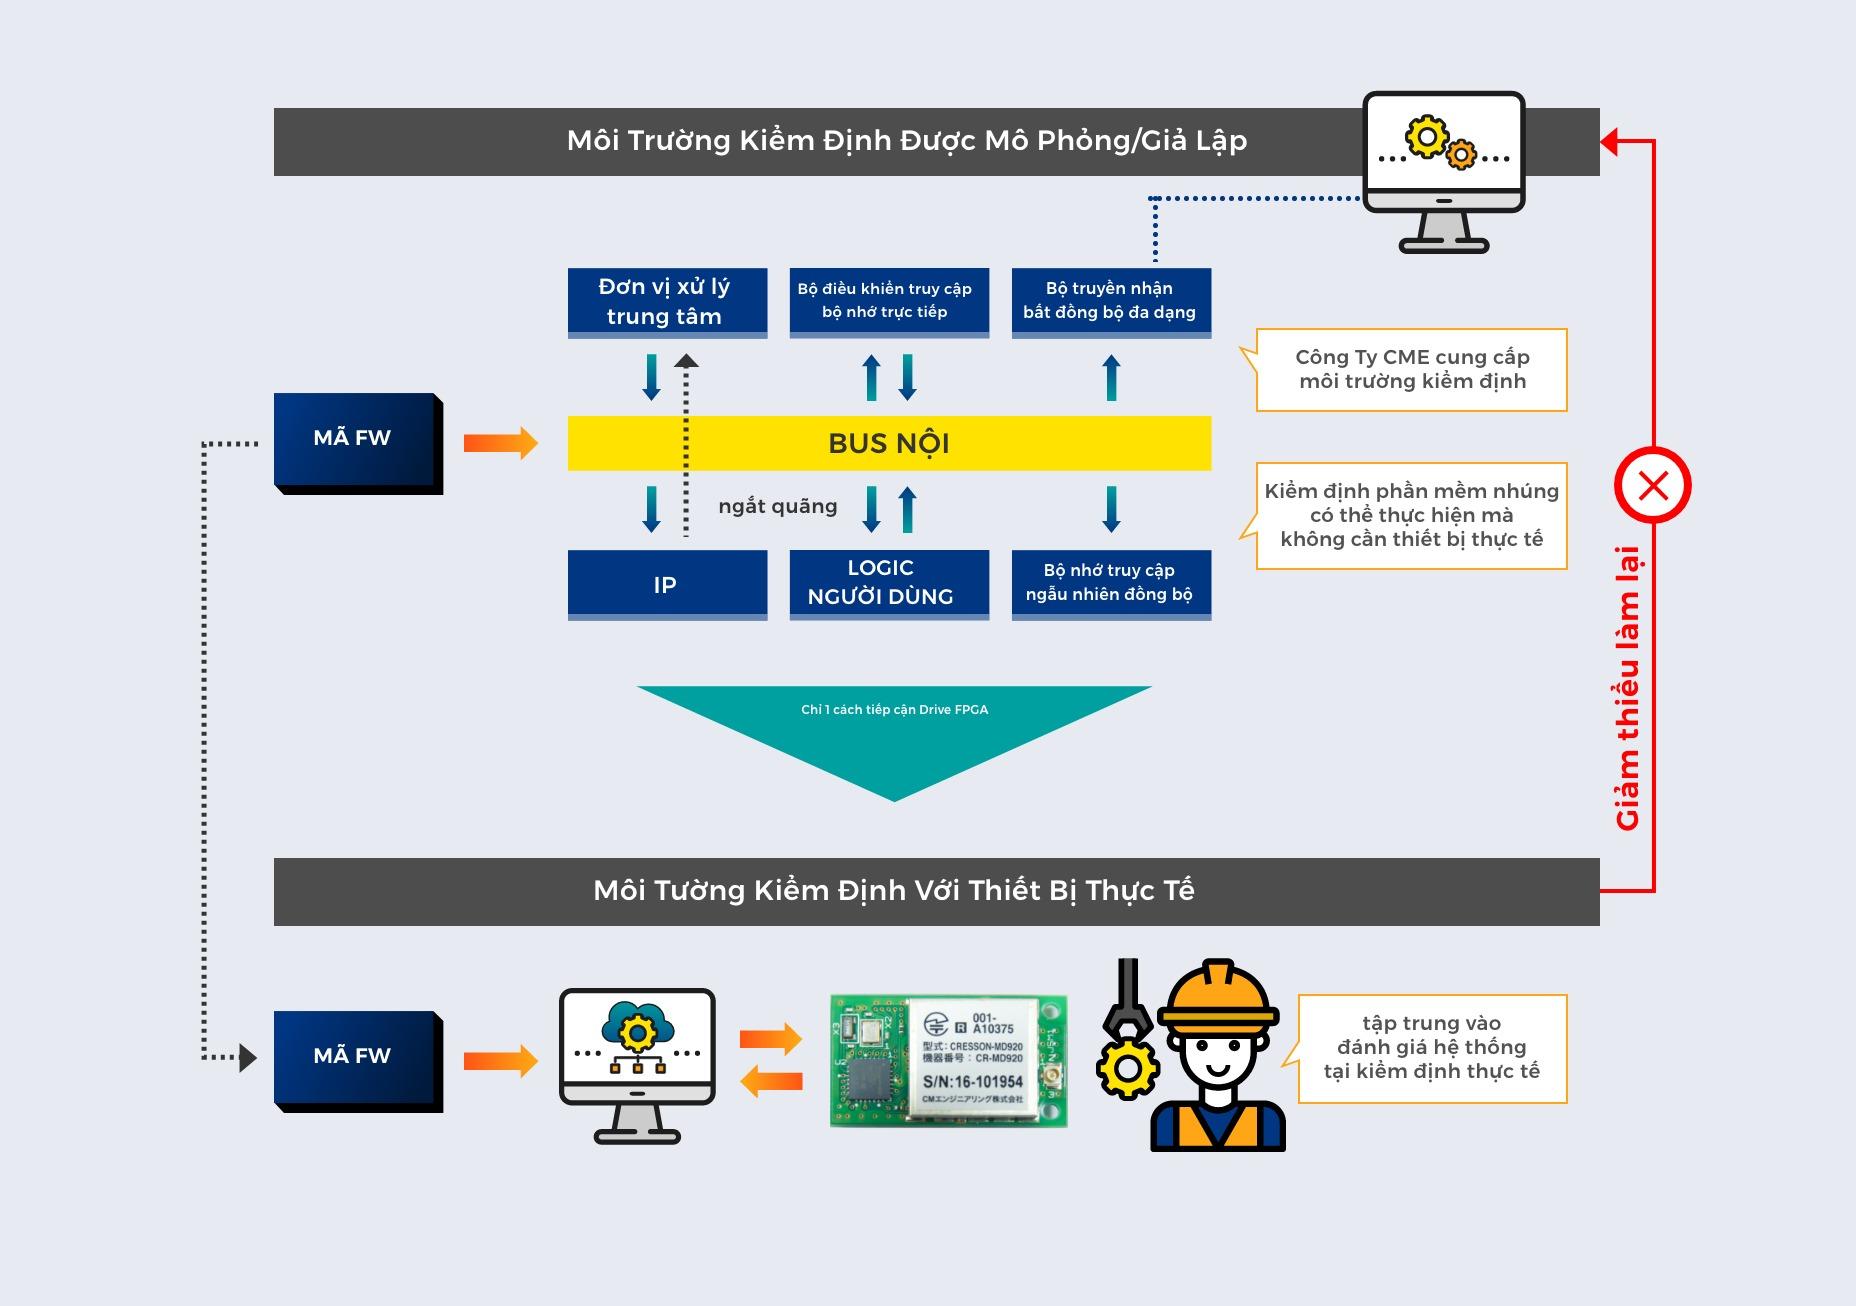 Dịch vụ thiết lập nền tảng kiểm định phần mềm nhúng